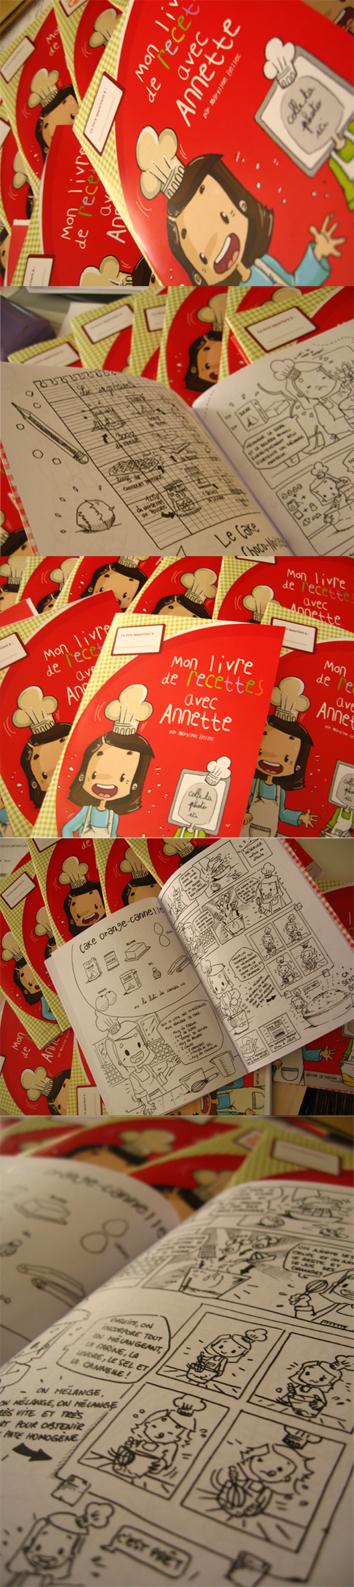 http://kadjaland.cowblog.fr/images/2/Annette1.jpg